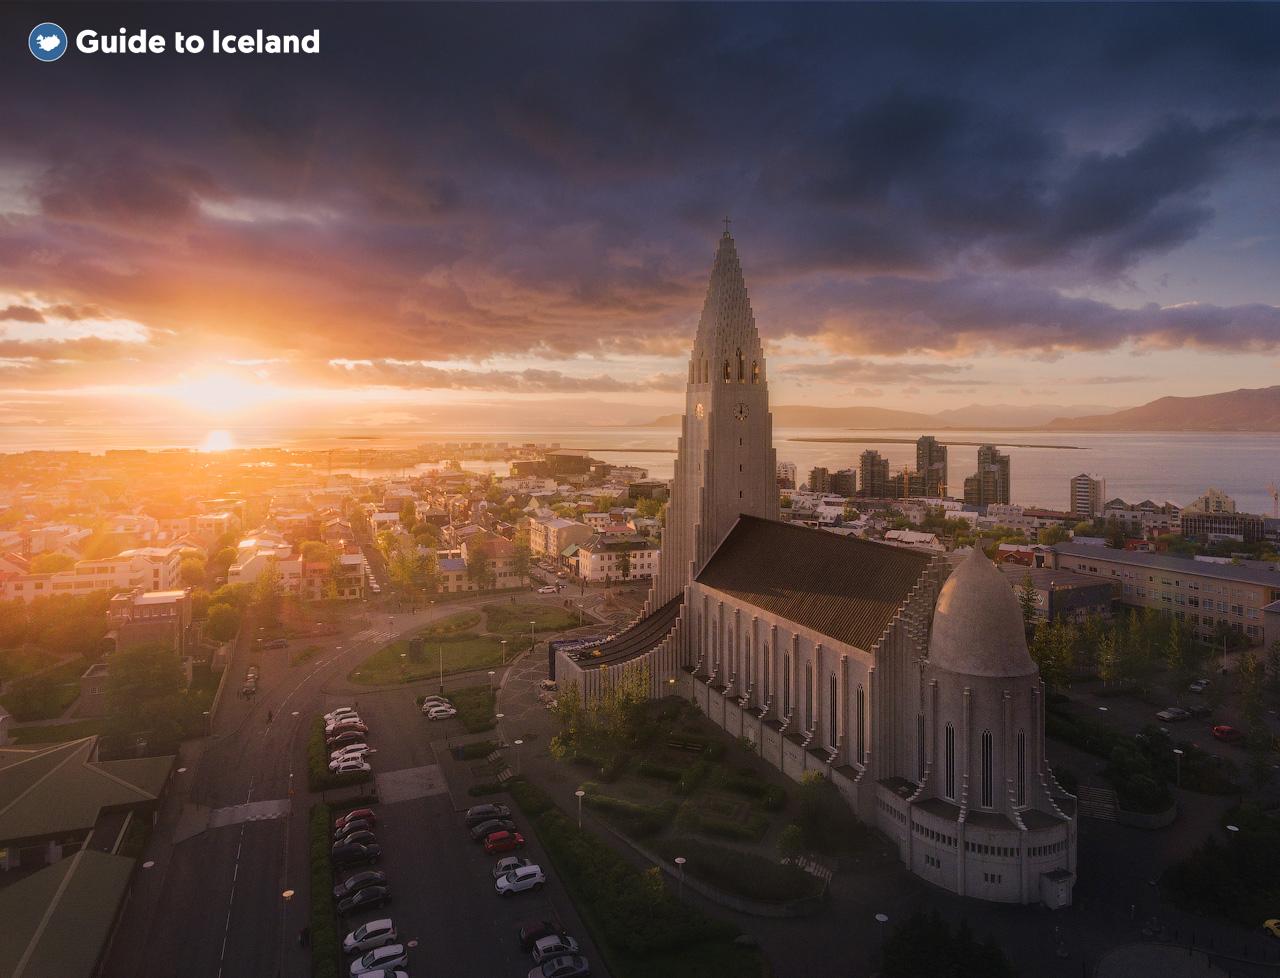 La capitale dell'Islanda, Reykjavík, è famosa per i suoi tetti multicolore.